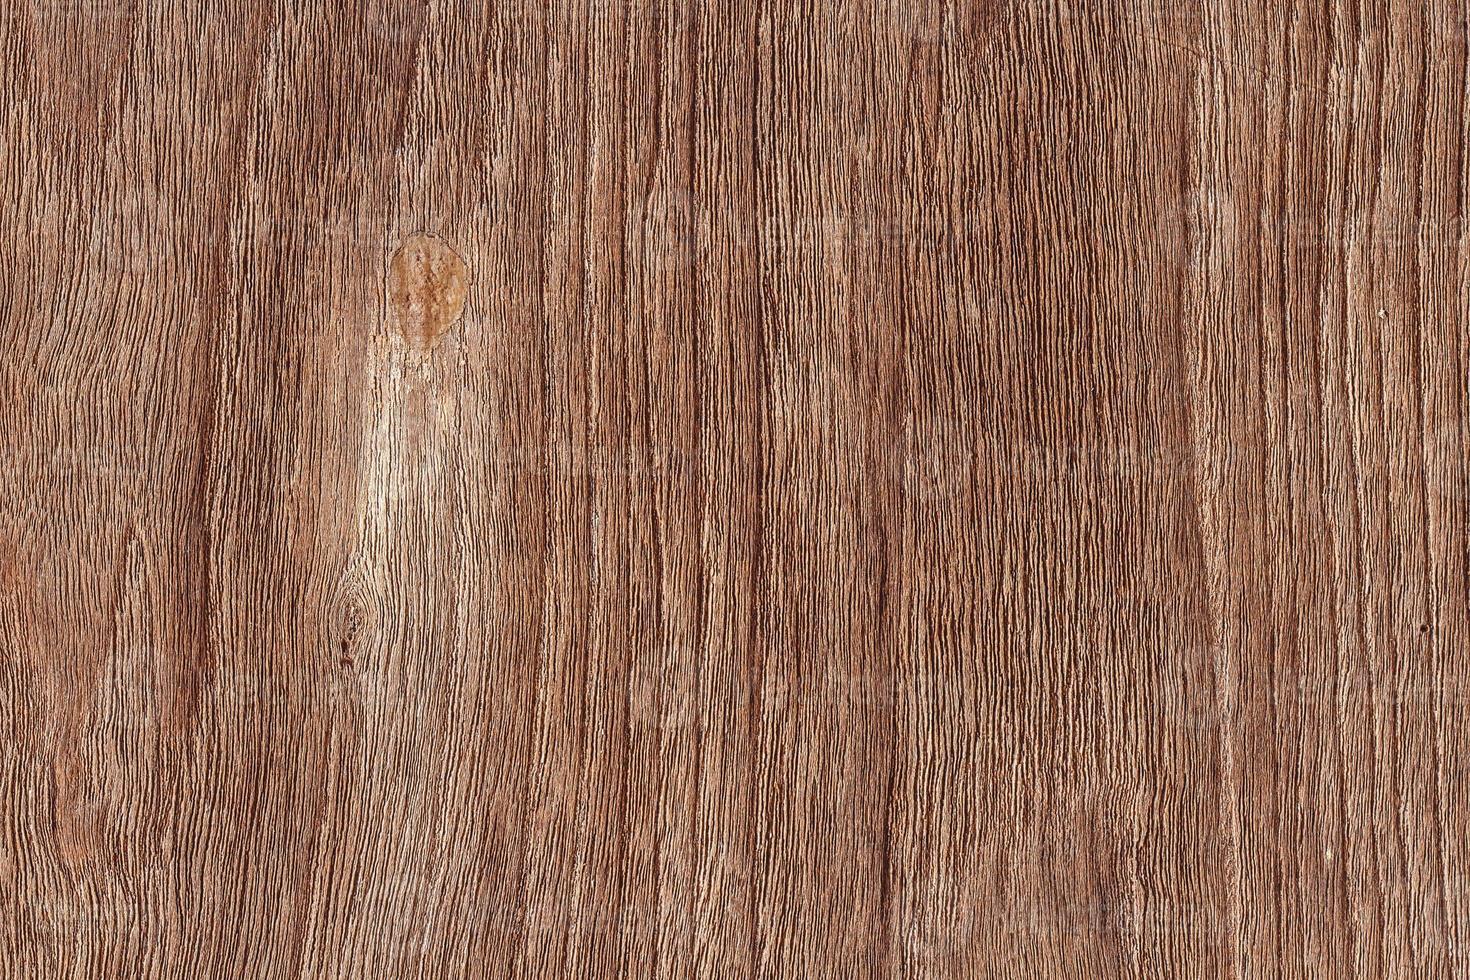 houtstructuur / houtstructuur achtergrond foto